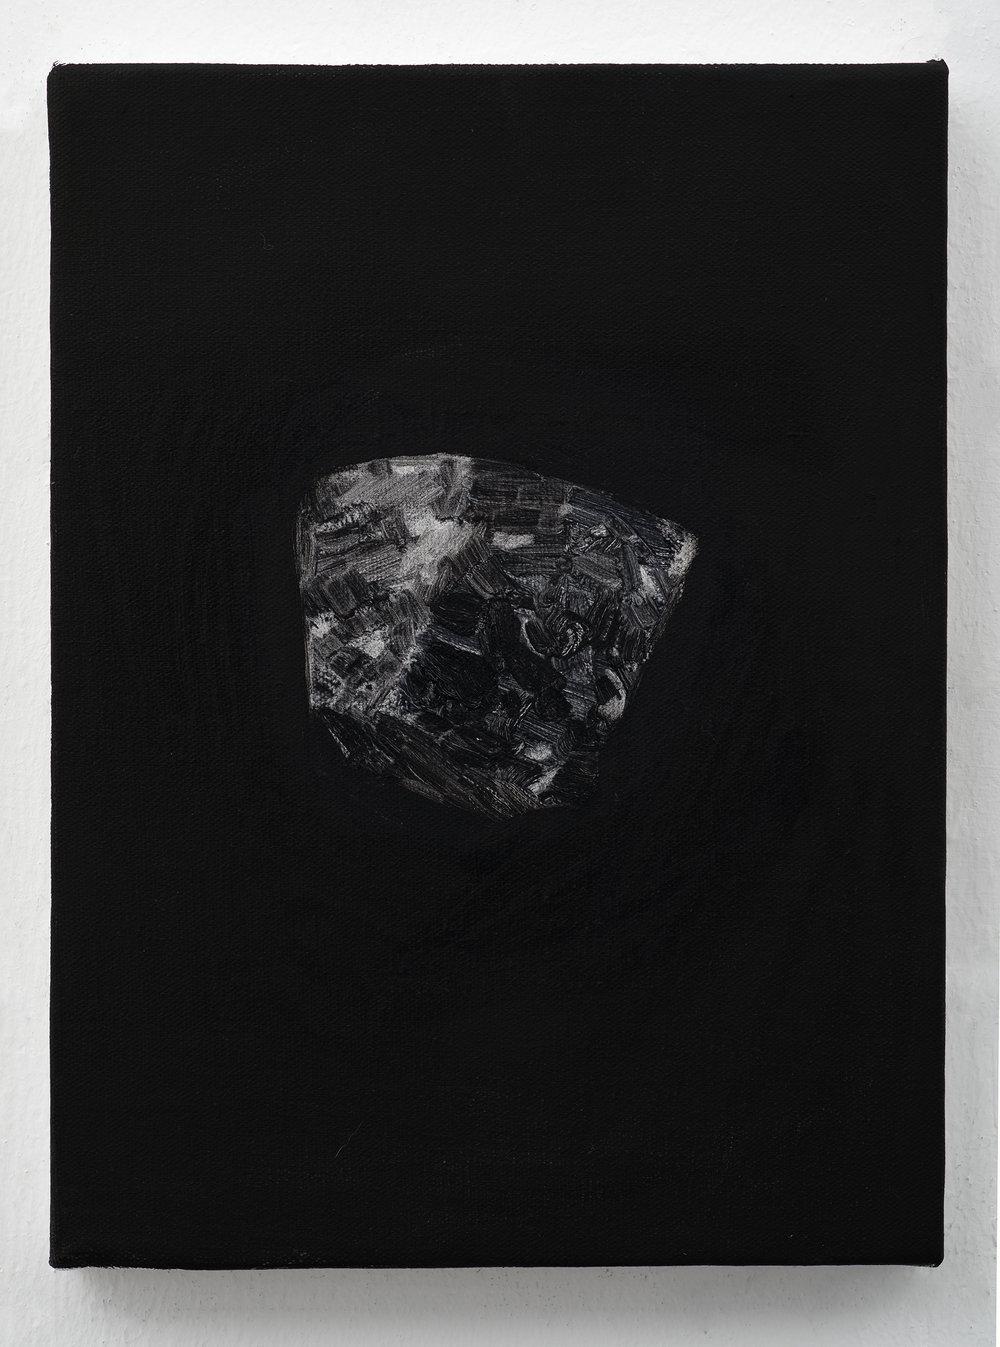 SZY_Meteorite 2_2018.jpg